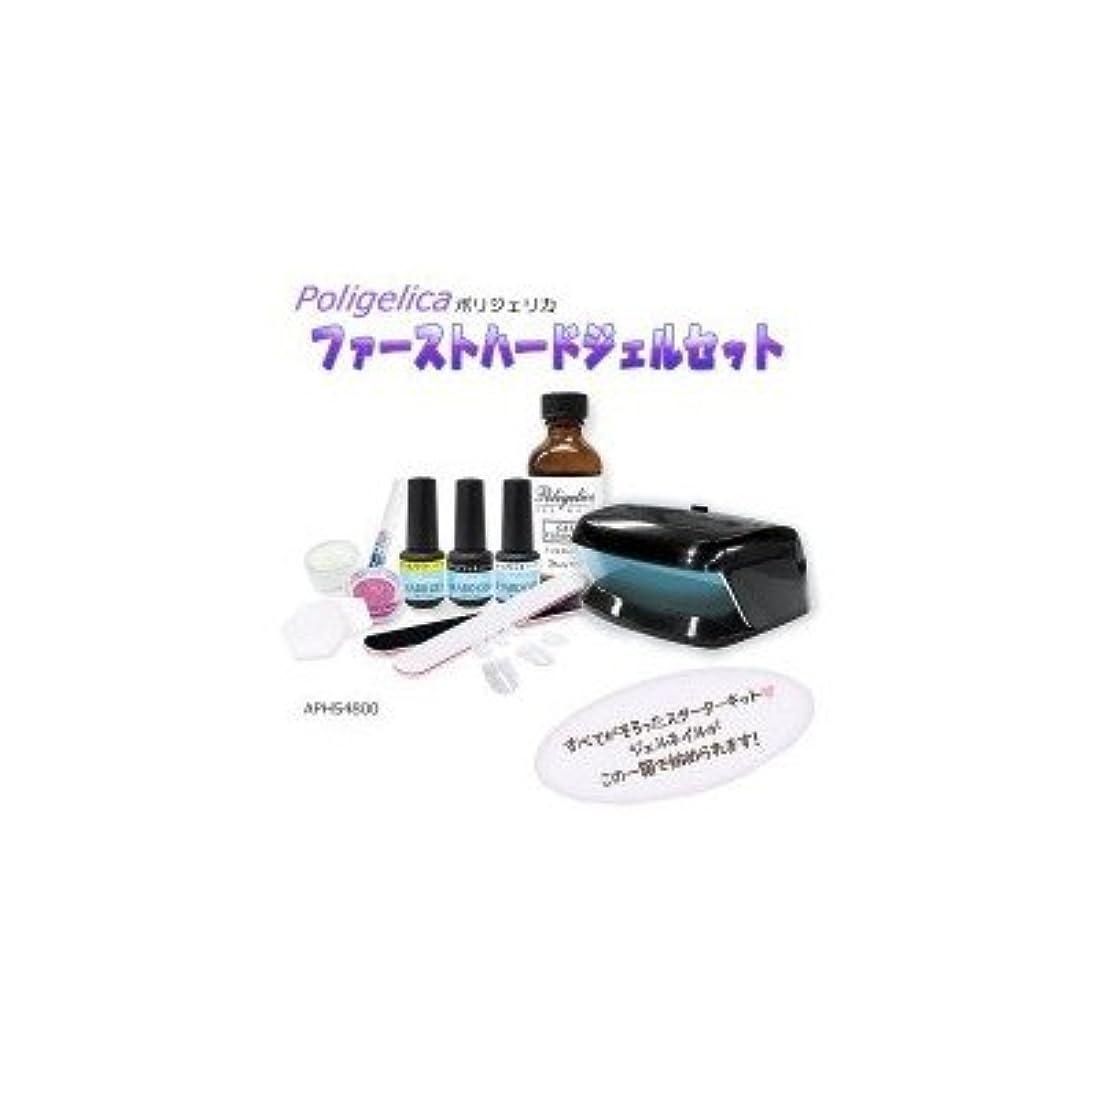 指令石化するセメントビューティーワールド ポリジェリカ Poligelica LEDミニライト付 ファーストハードジェルセット APHS4800